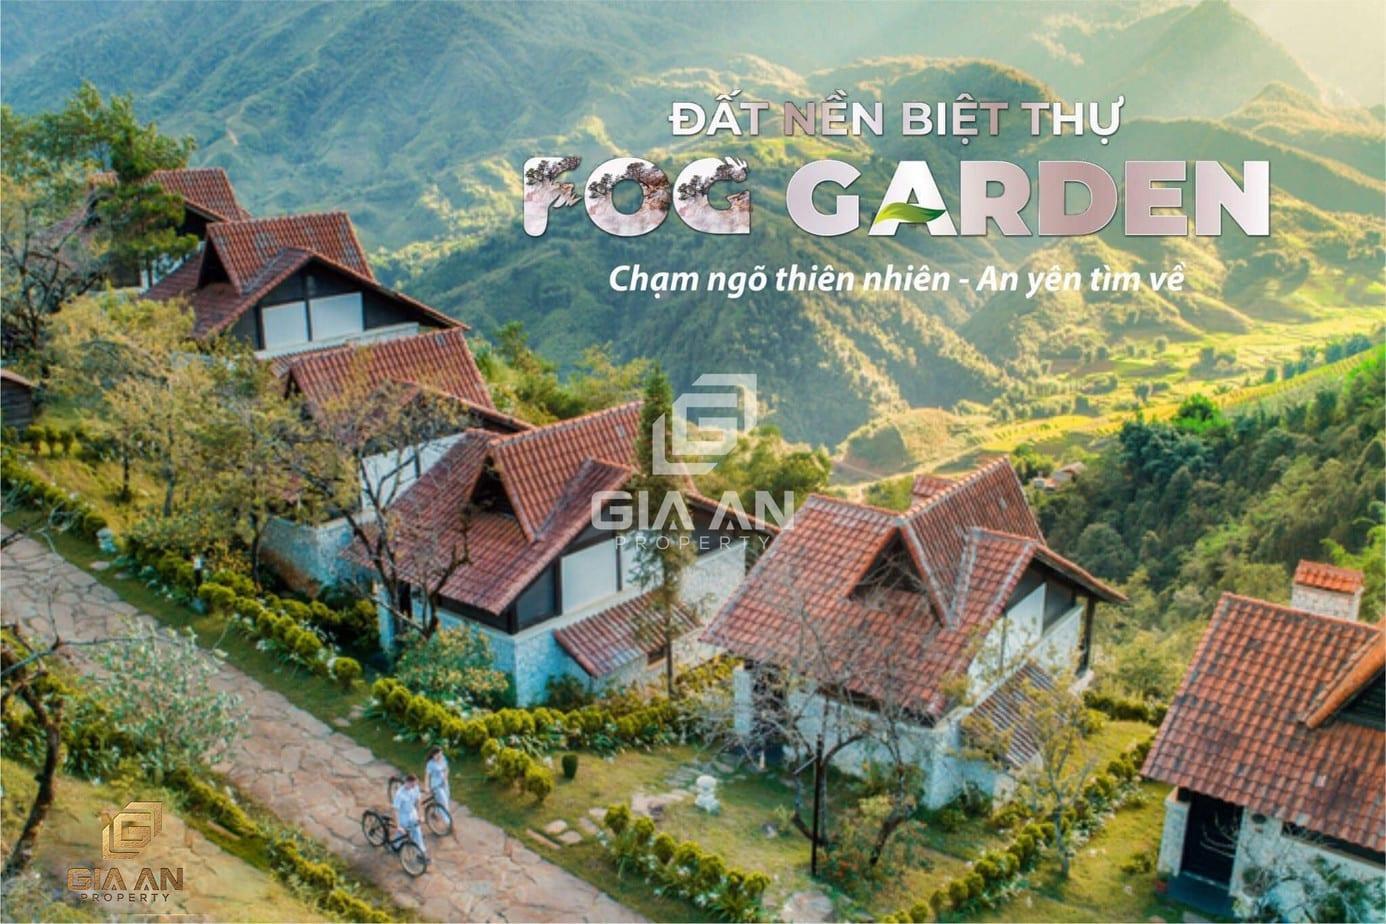 Fog Garden - Thiên đường sống đích thực tại Bảo Lộc 2